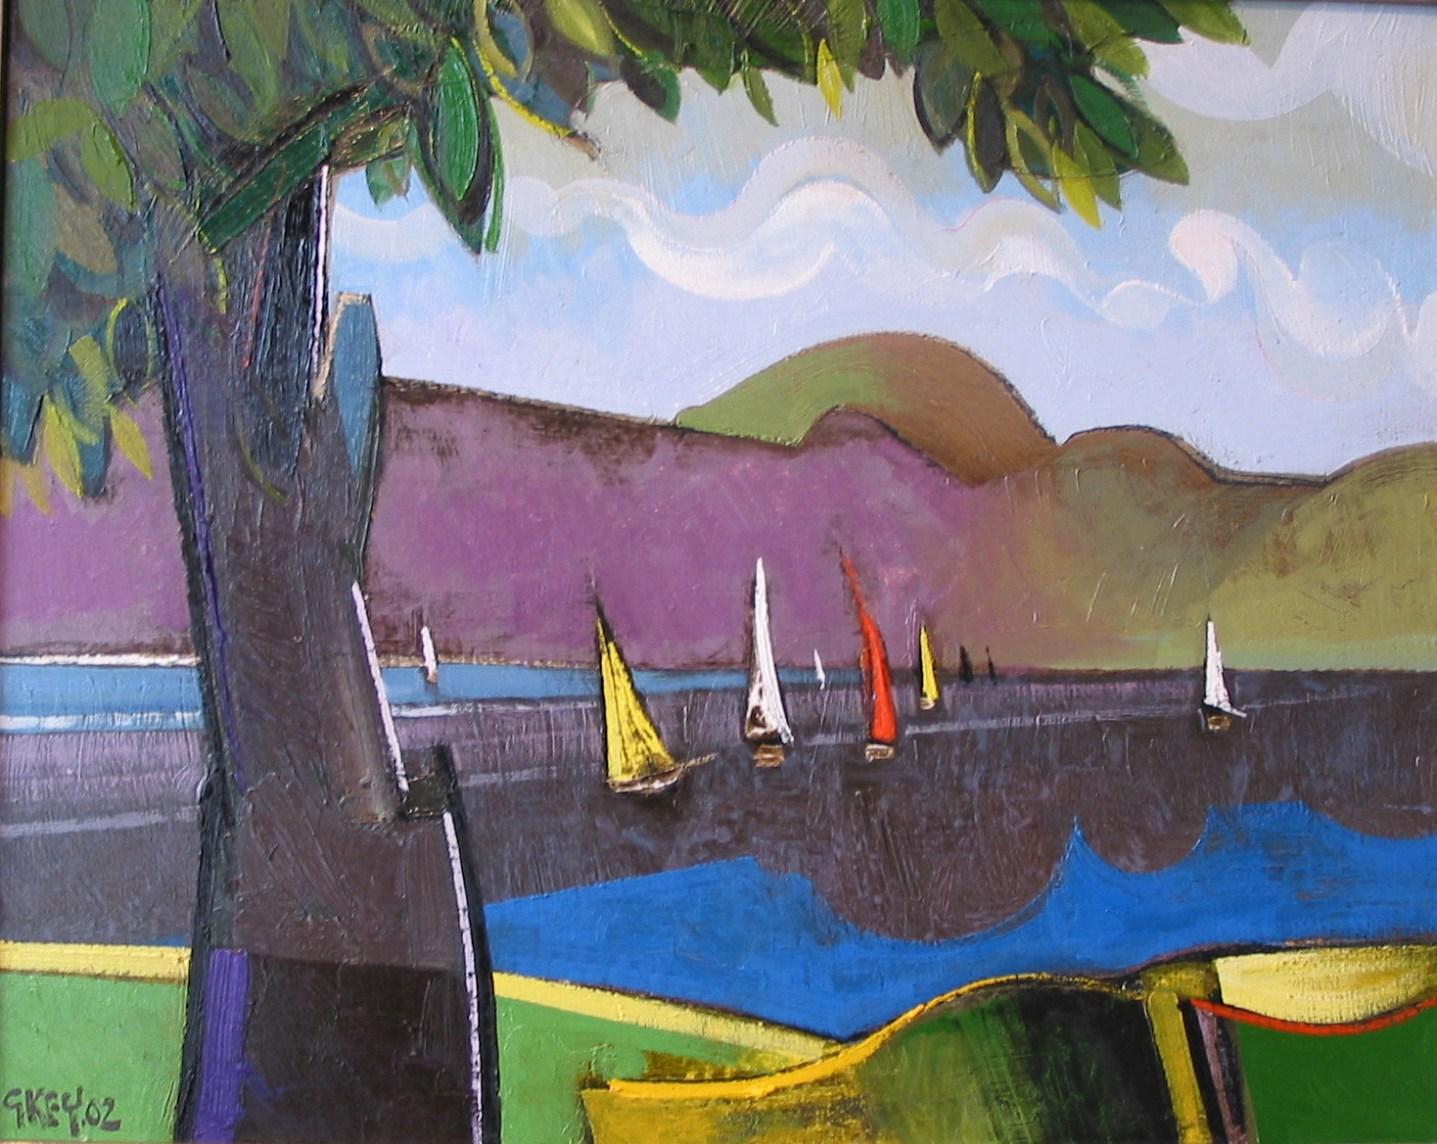 lake bala, oil 2002